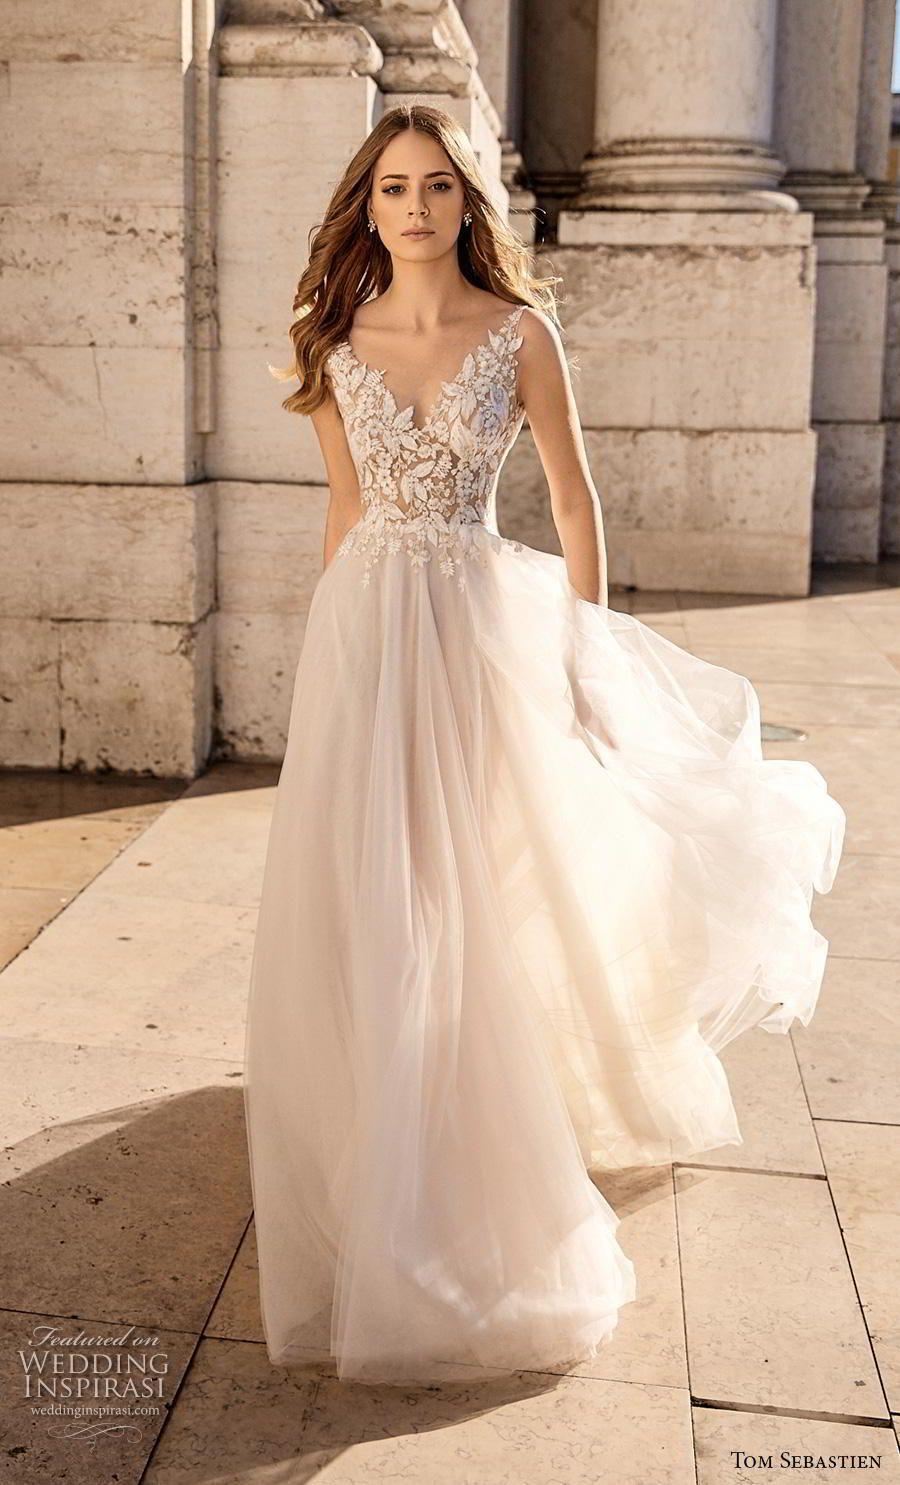 Cocktailjurk Bruiloft 2019.Tom Sebastien 2019 Wedding Dresses Lisbon Bridal Collection In